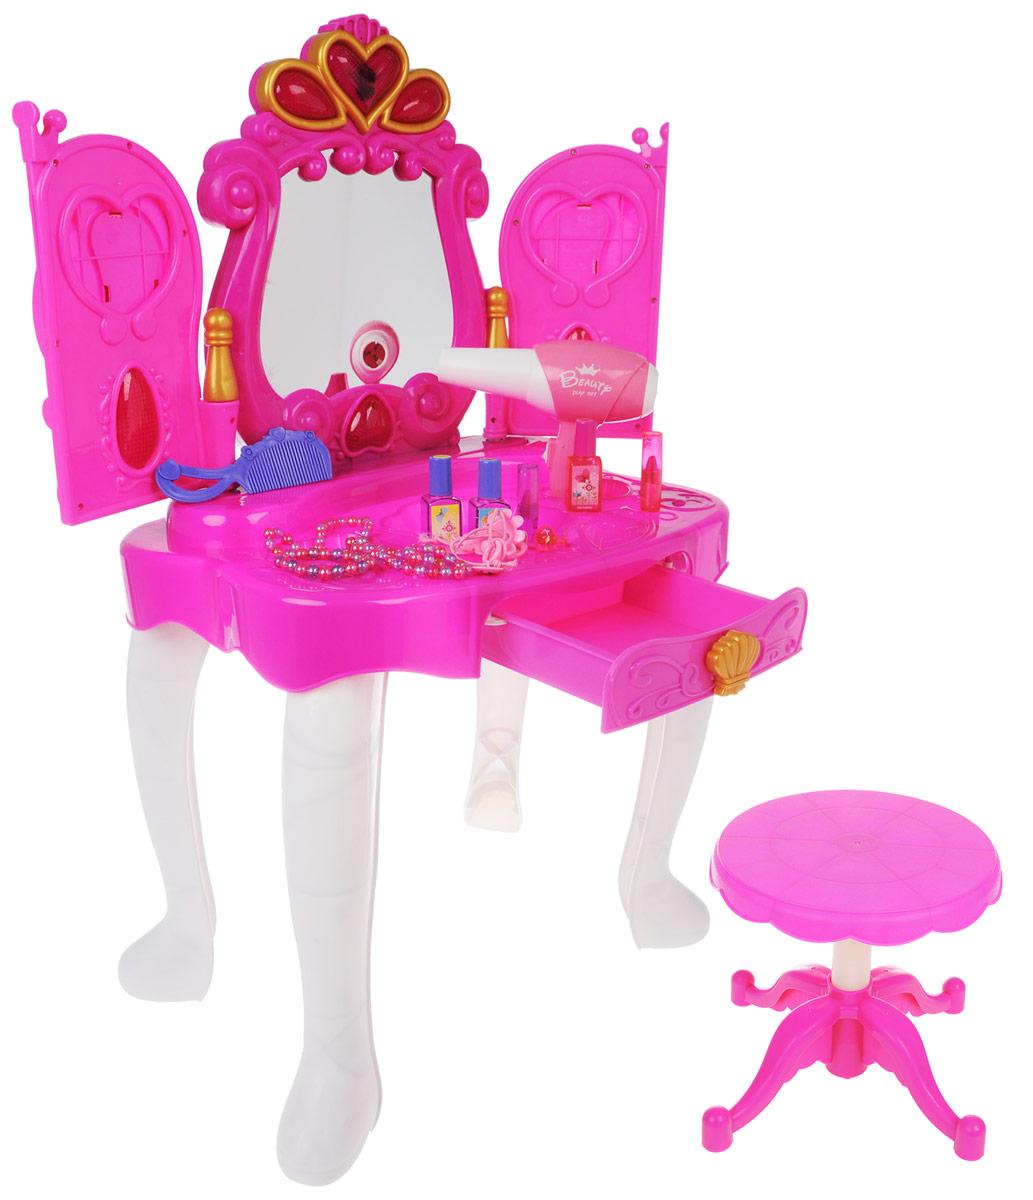 Altacto Интерактивное трюмо Прекрасная принцесса